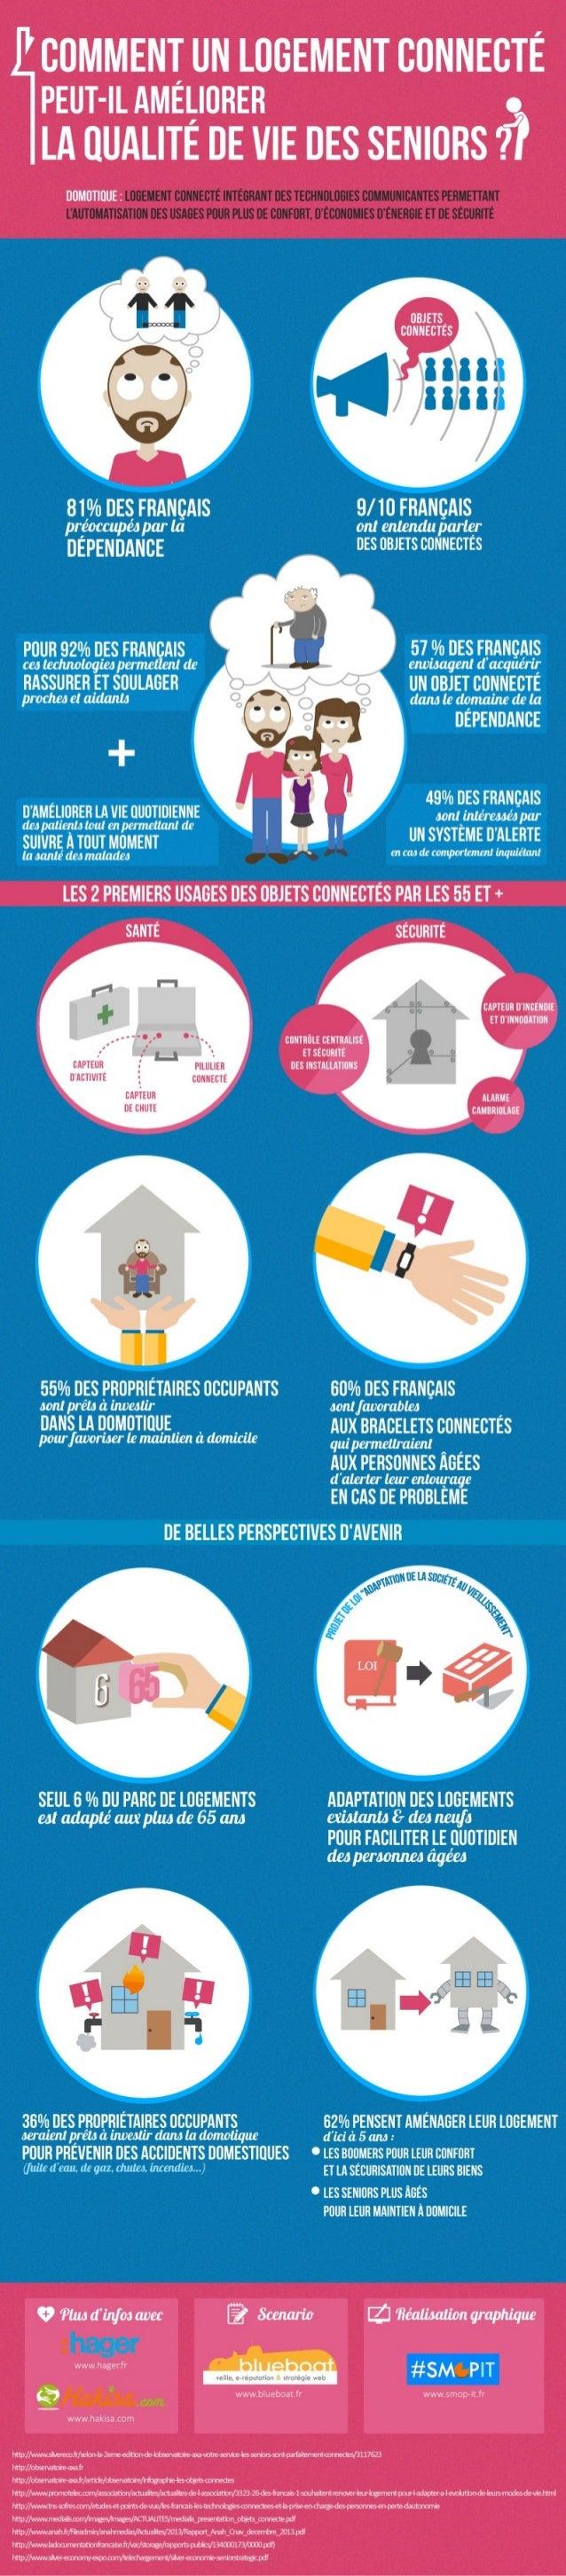 Infographie : Comment un logement connecté peut-il améliorer la qualité de vie des seniors ?